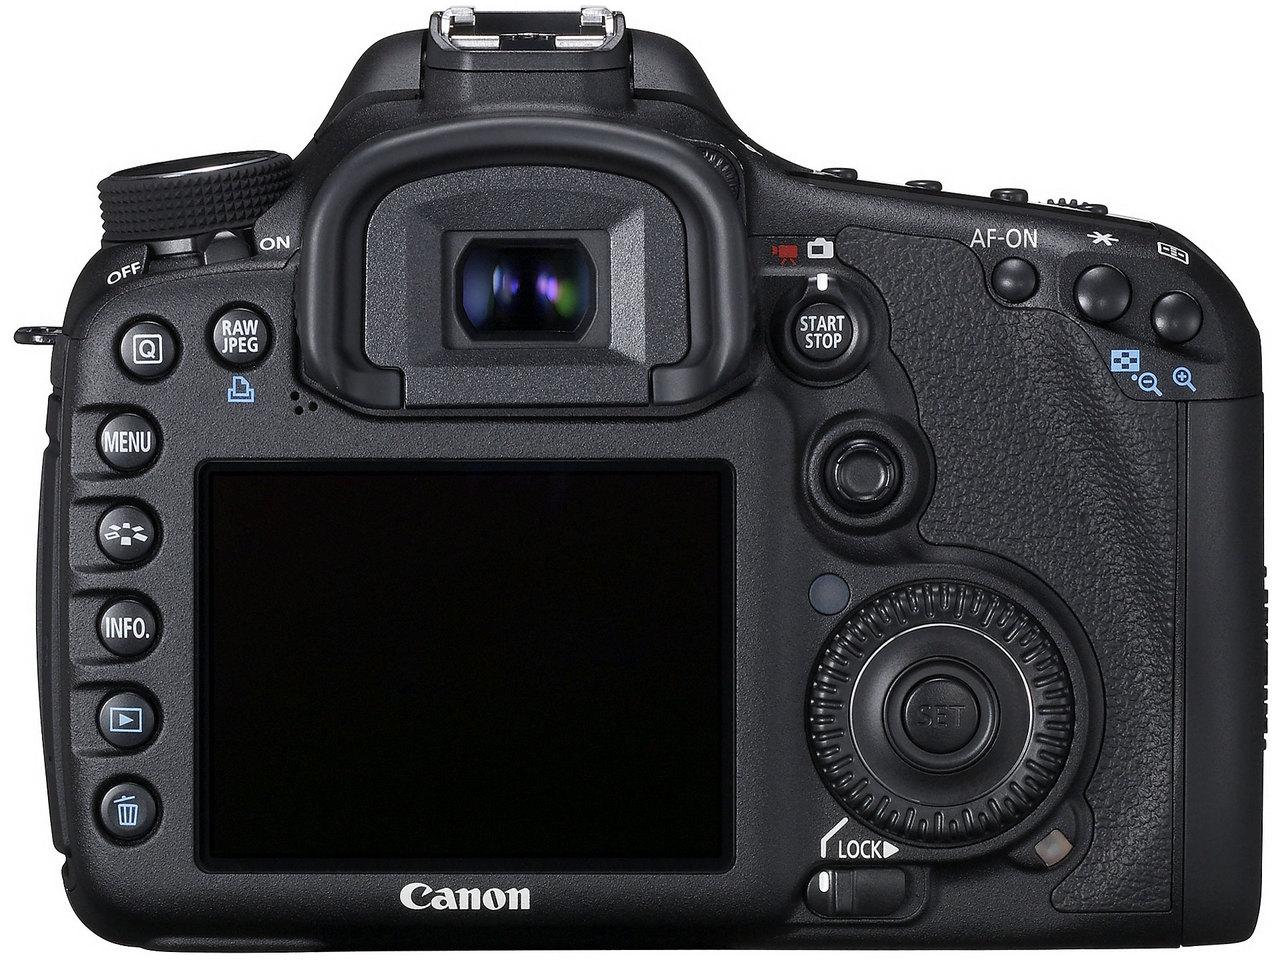 『本体 背面』 EOS 7D ボディ の製品画像